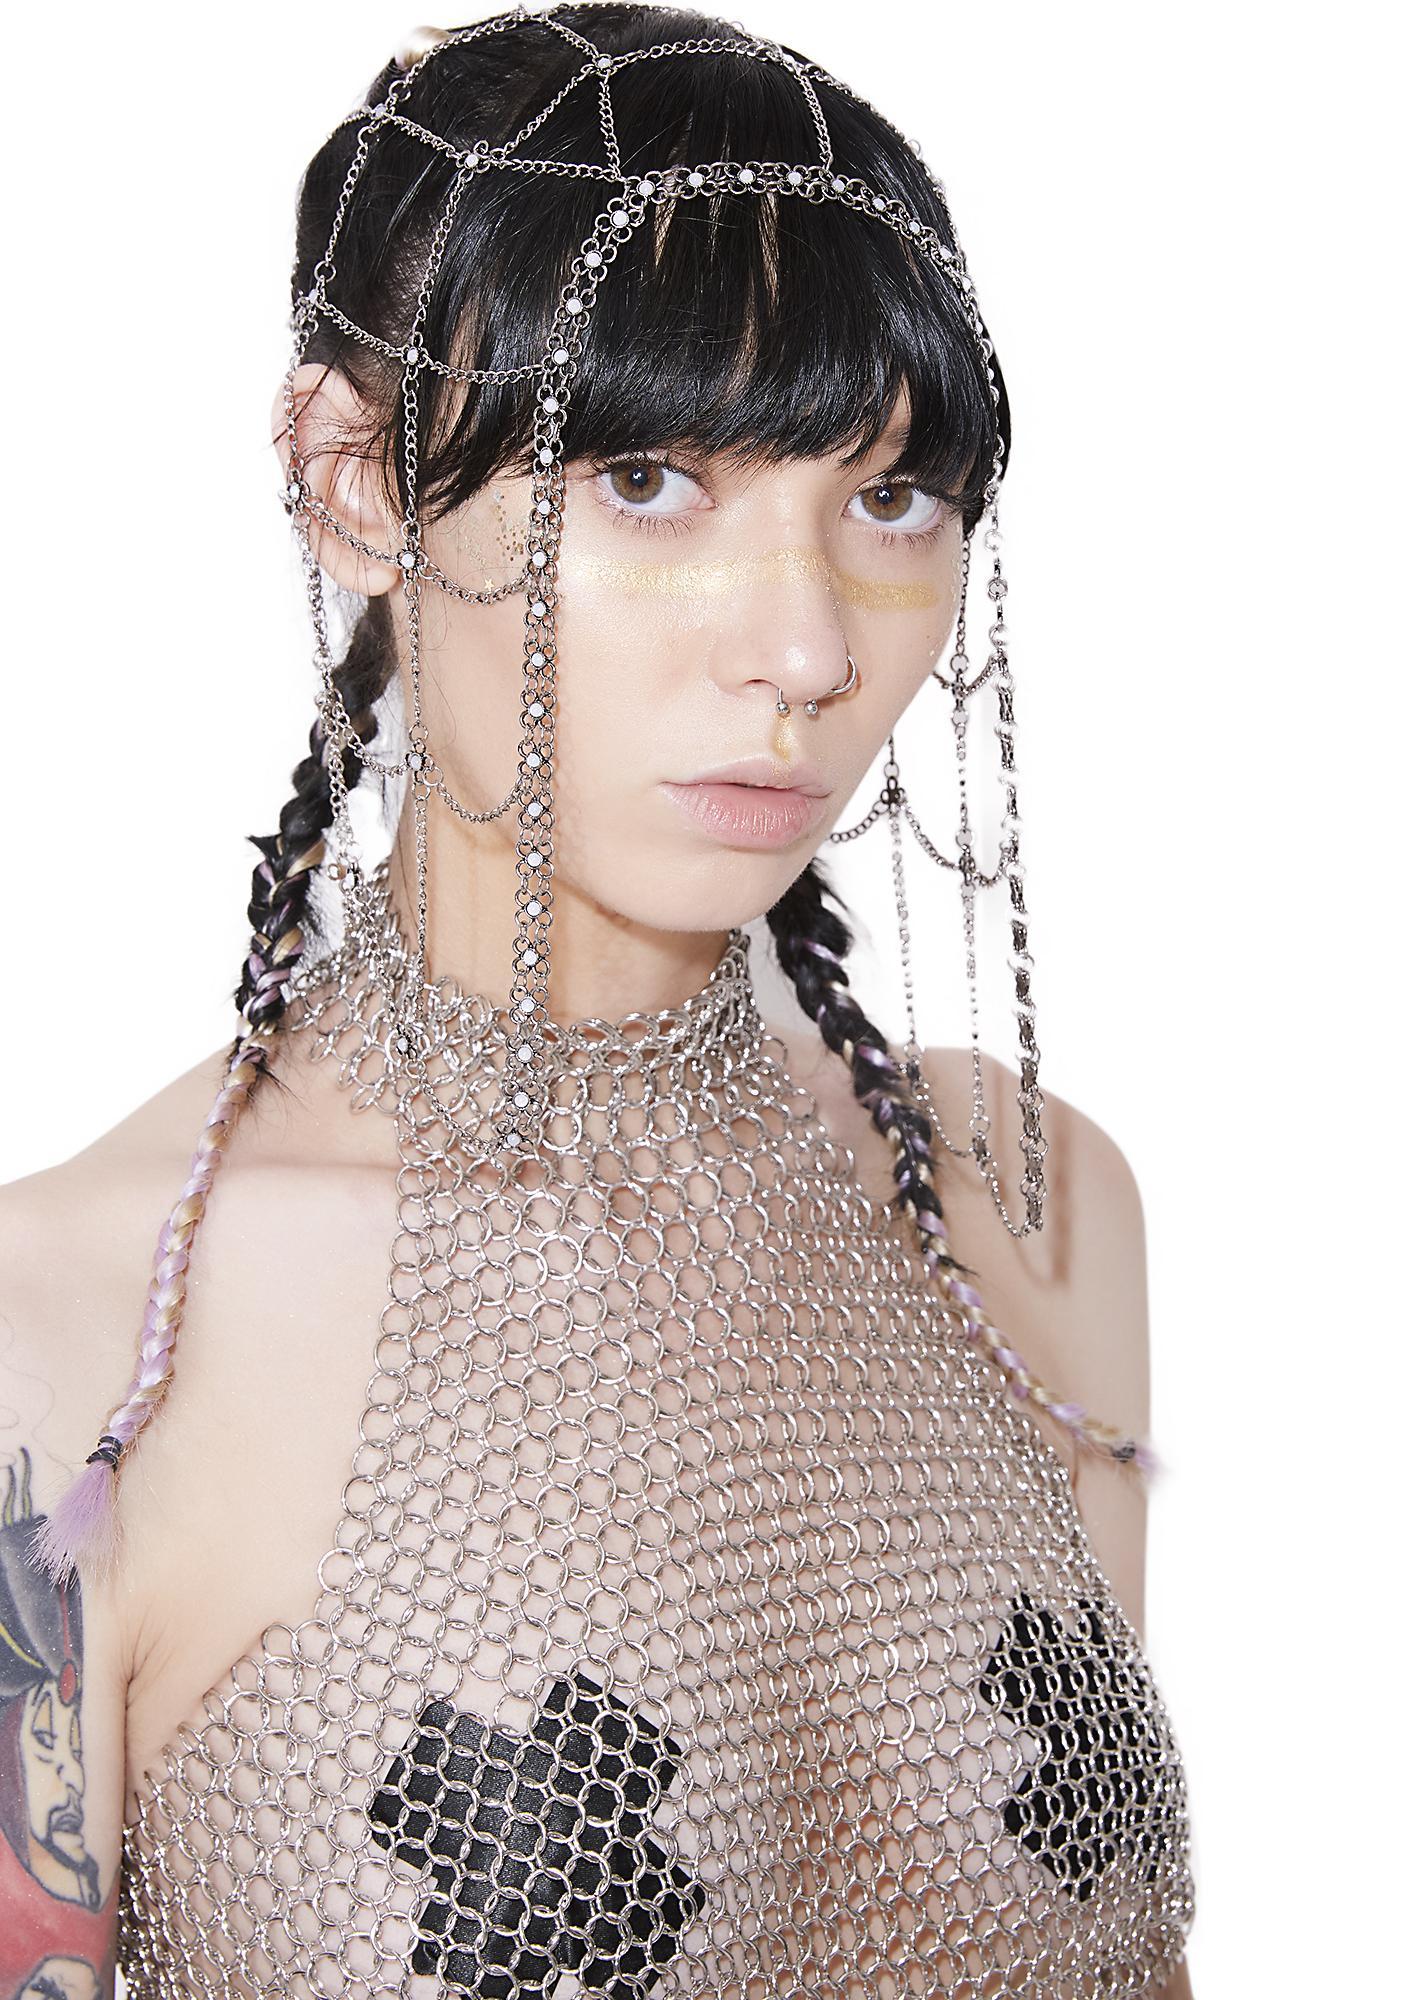 Miss Majesty Chain Headpiece